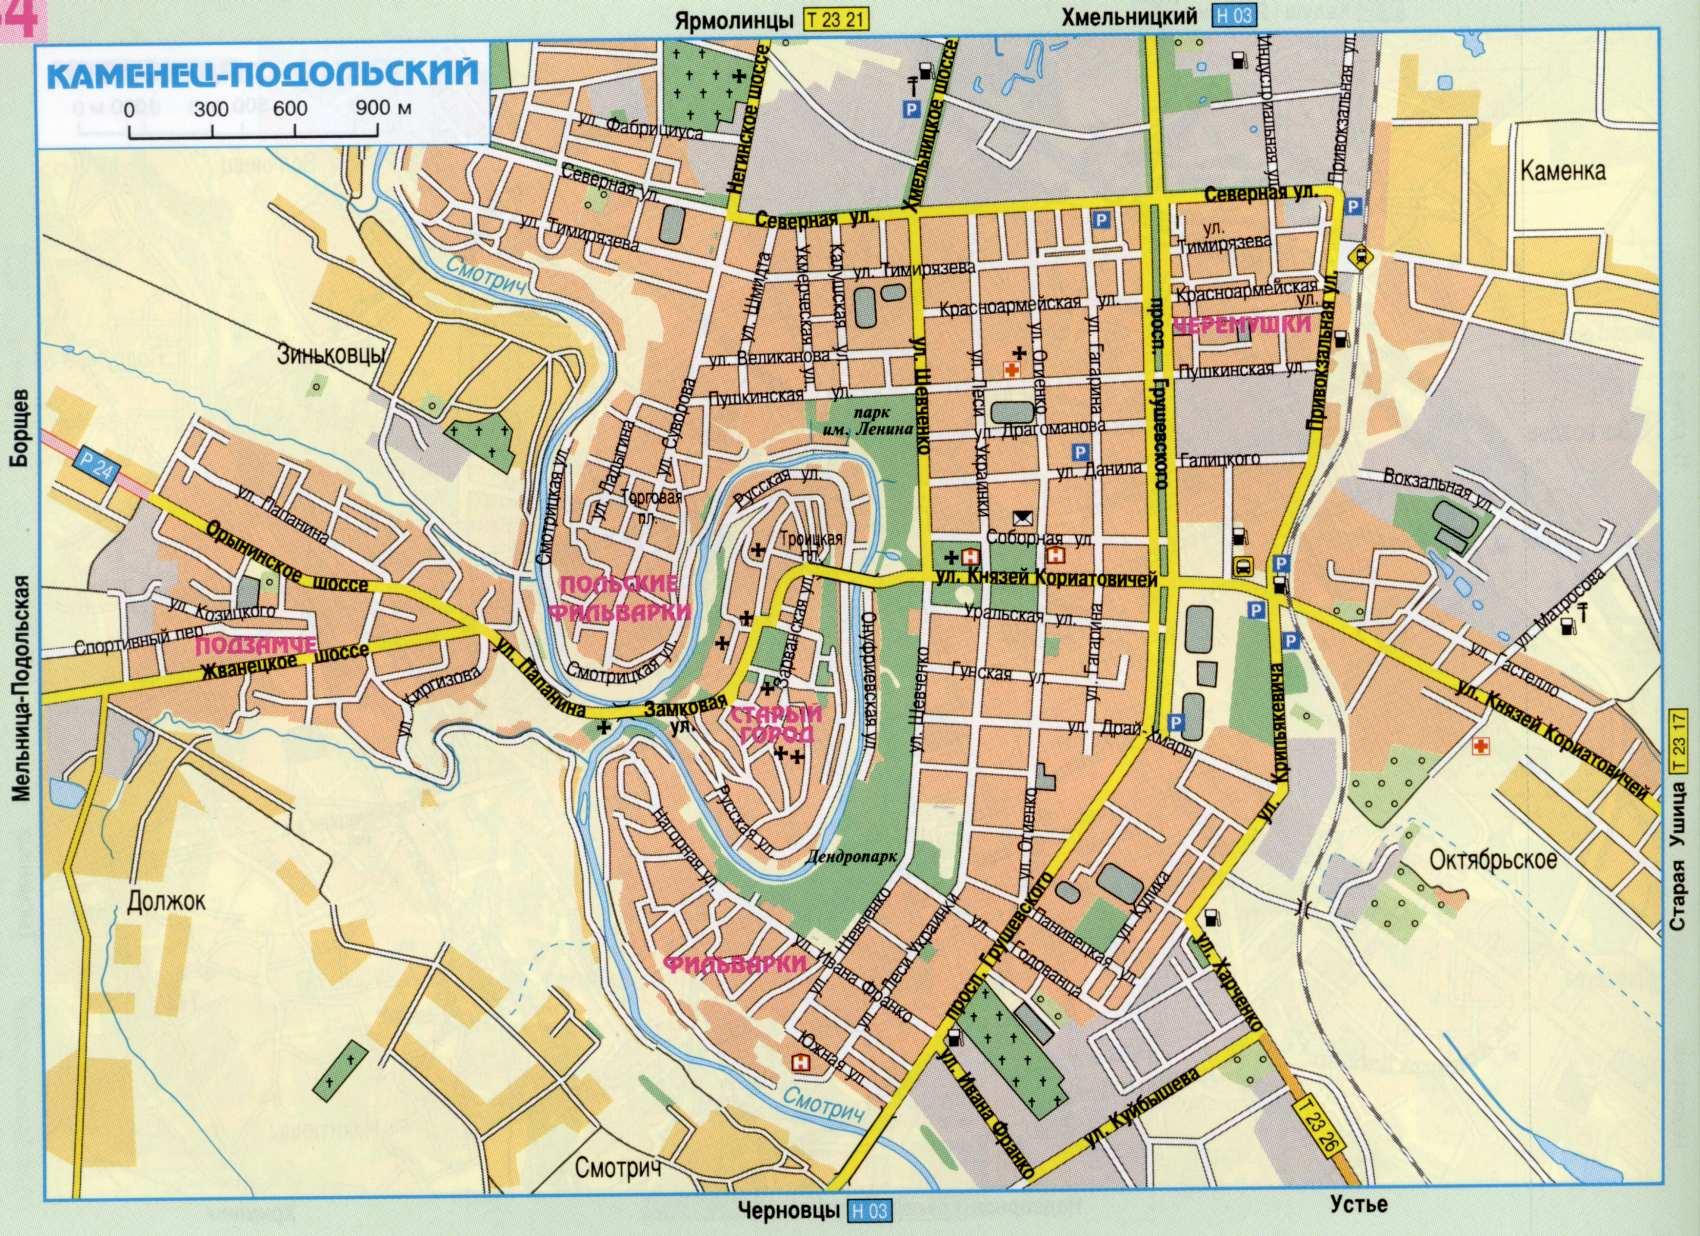 Карта города Каменец-Подольский